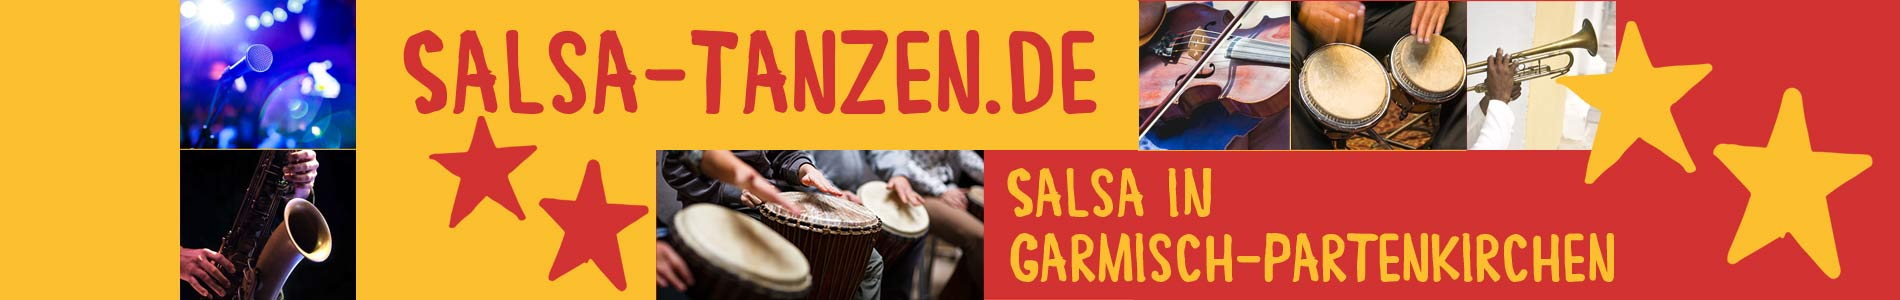 Salsa in Garmisch-Partenkirchen – Salsa lernen und tanzen, Tanzkurse, Partys, Veranstaltungen